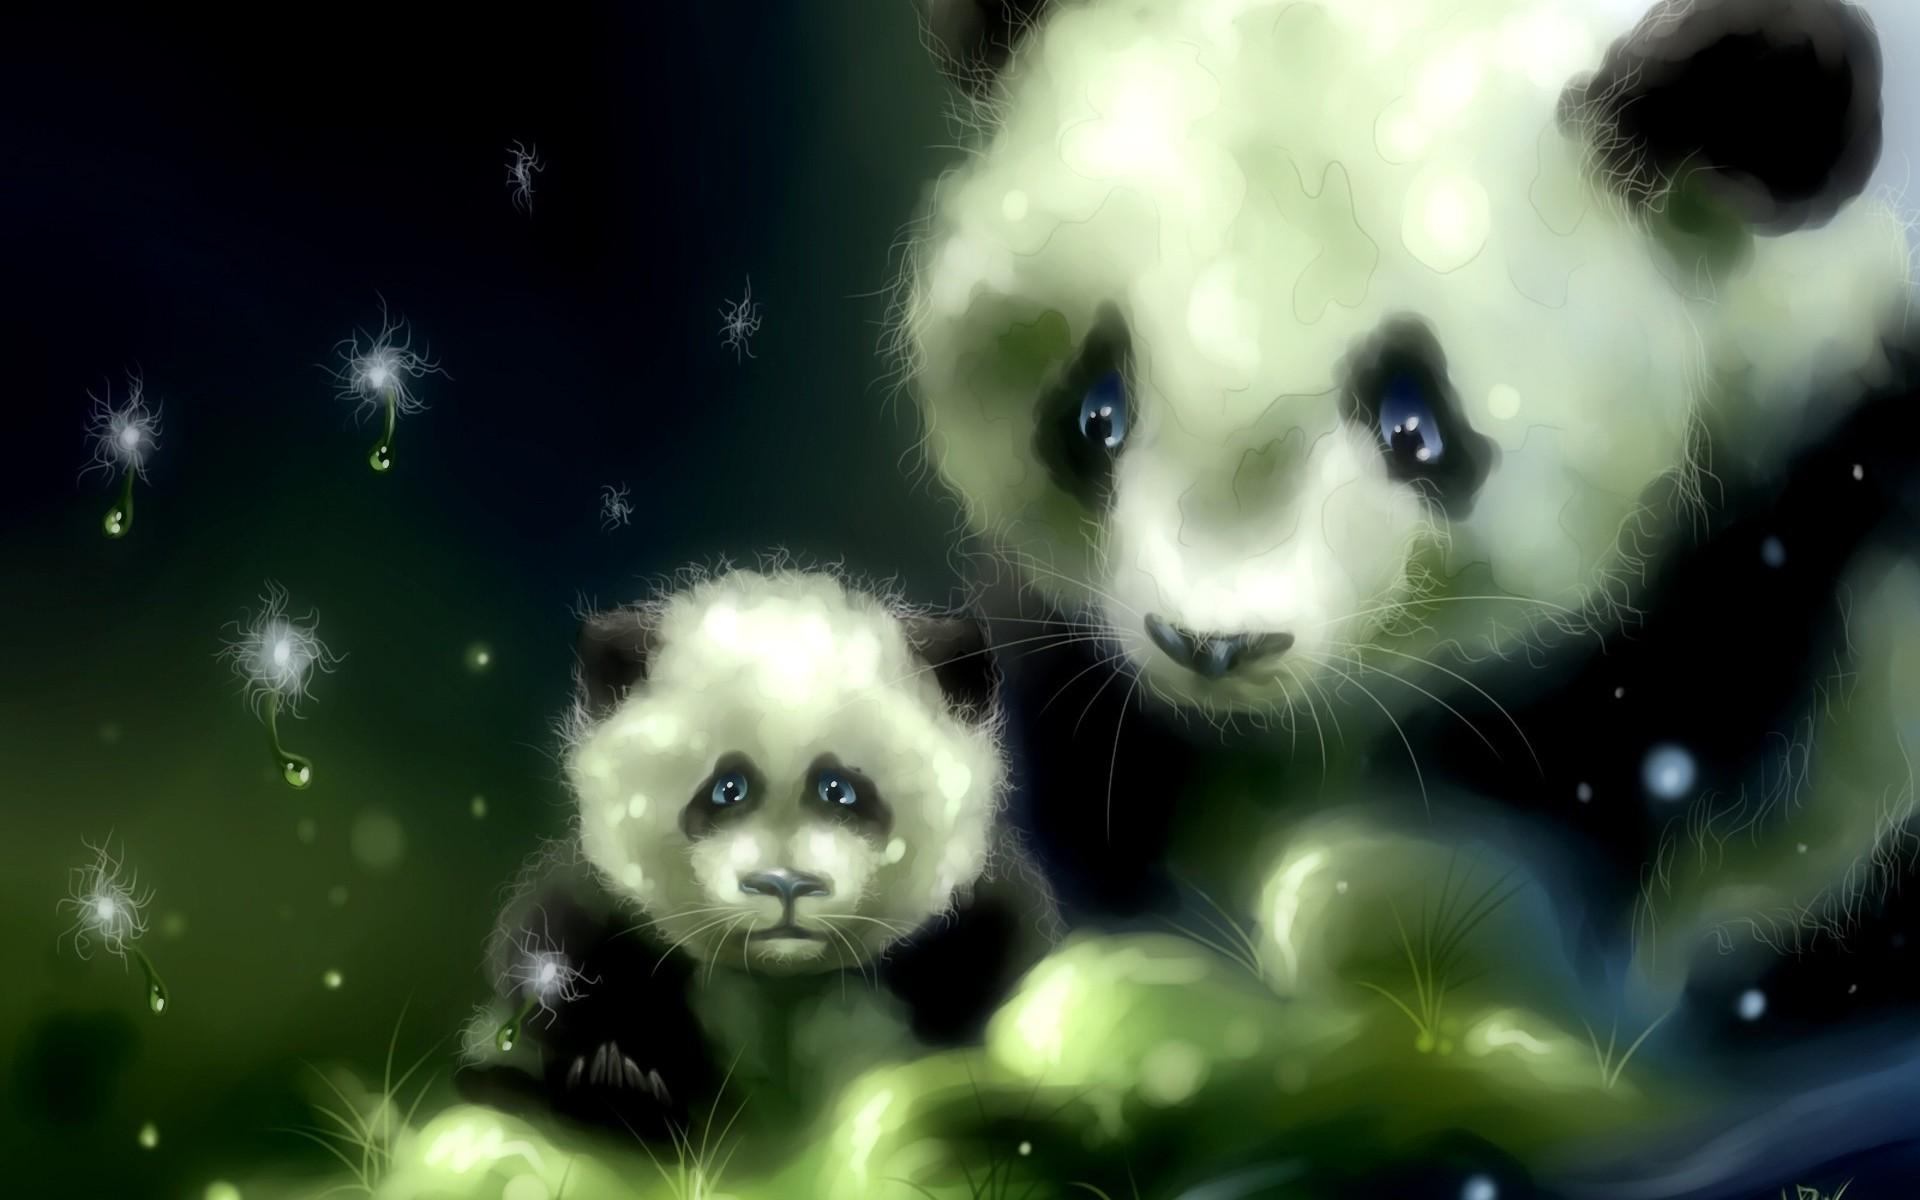 Art panda bears babies cute wallpaper 1920x1200 39807 1920x1200